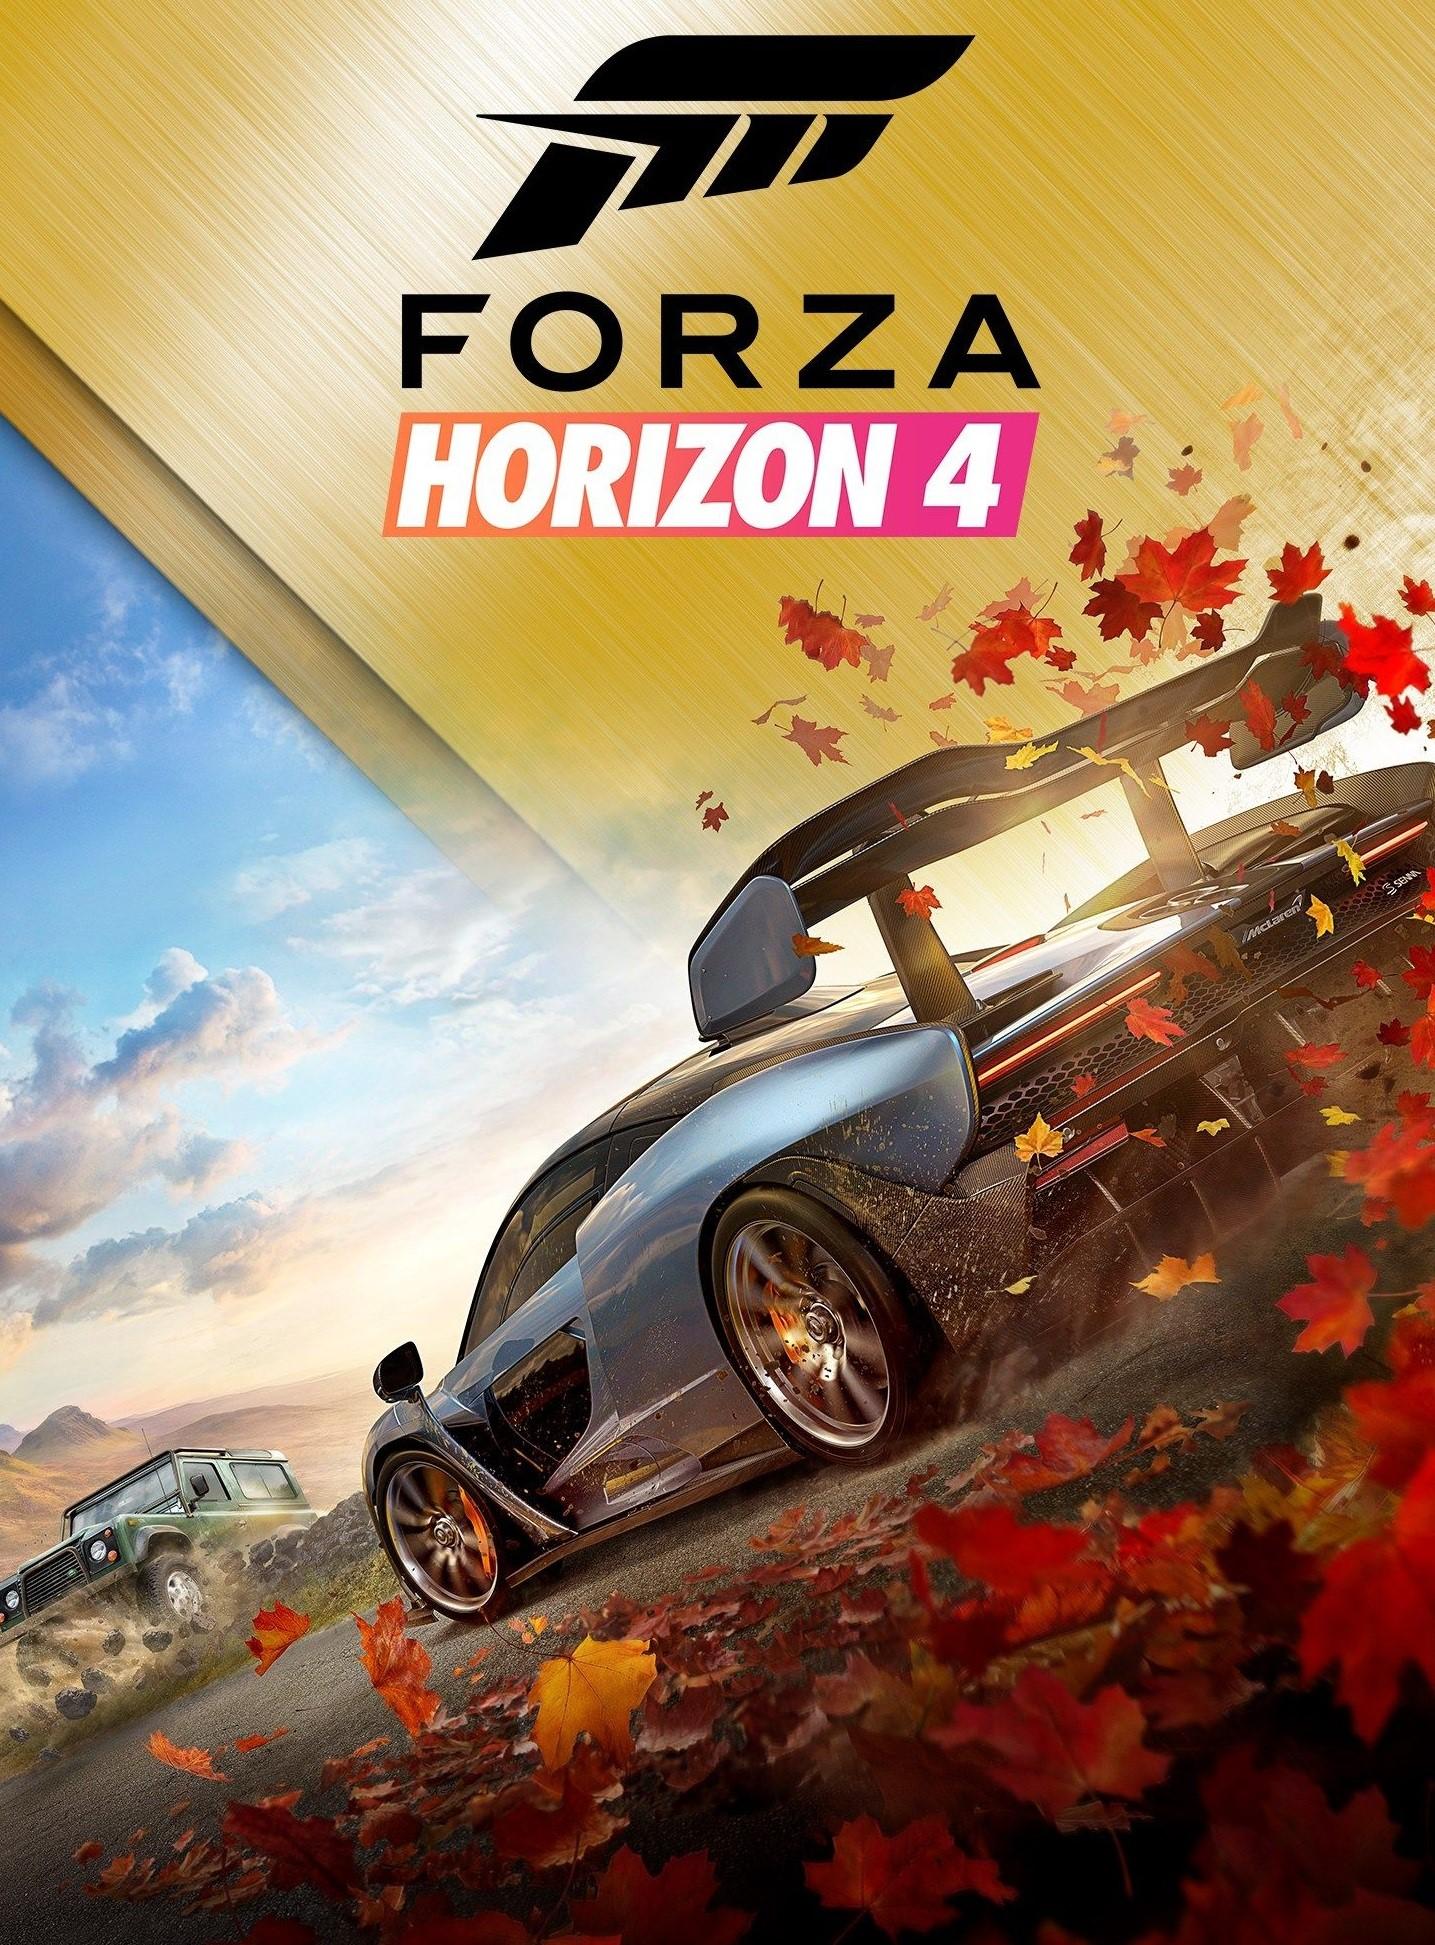 Фотография онлайн forza horizon 4 + dlc + игры| автоактивация